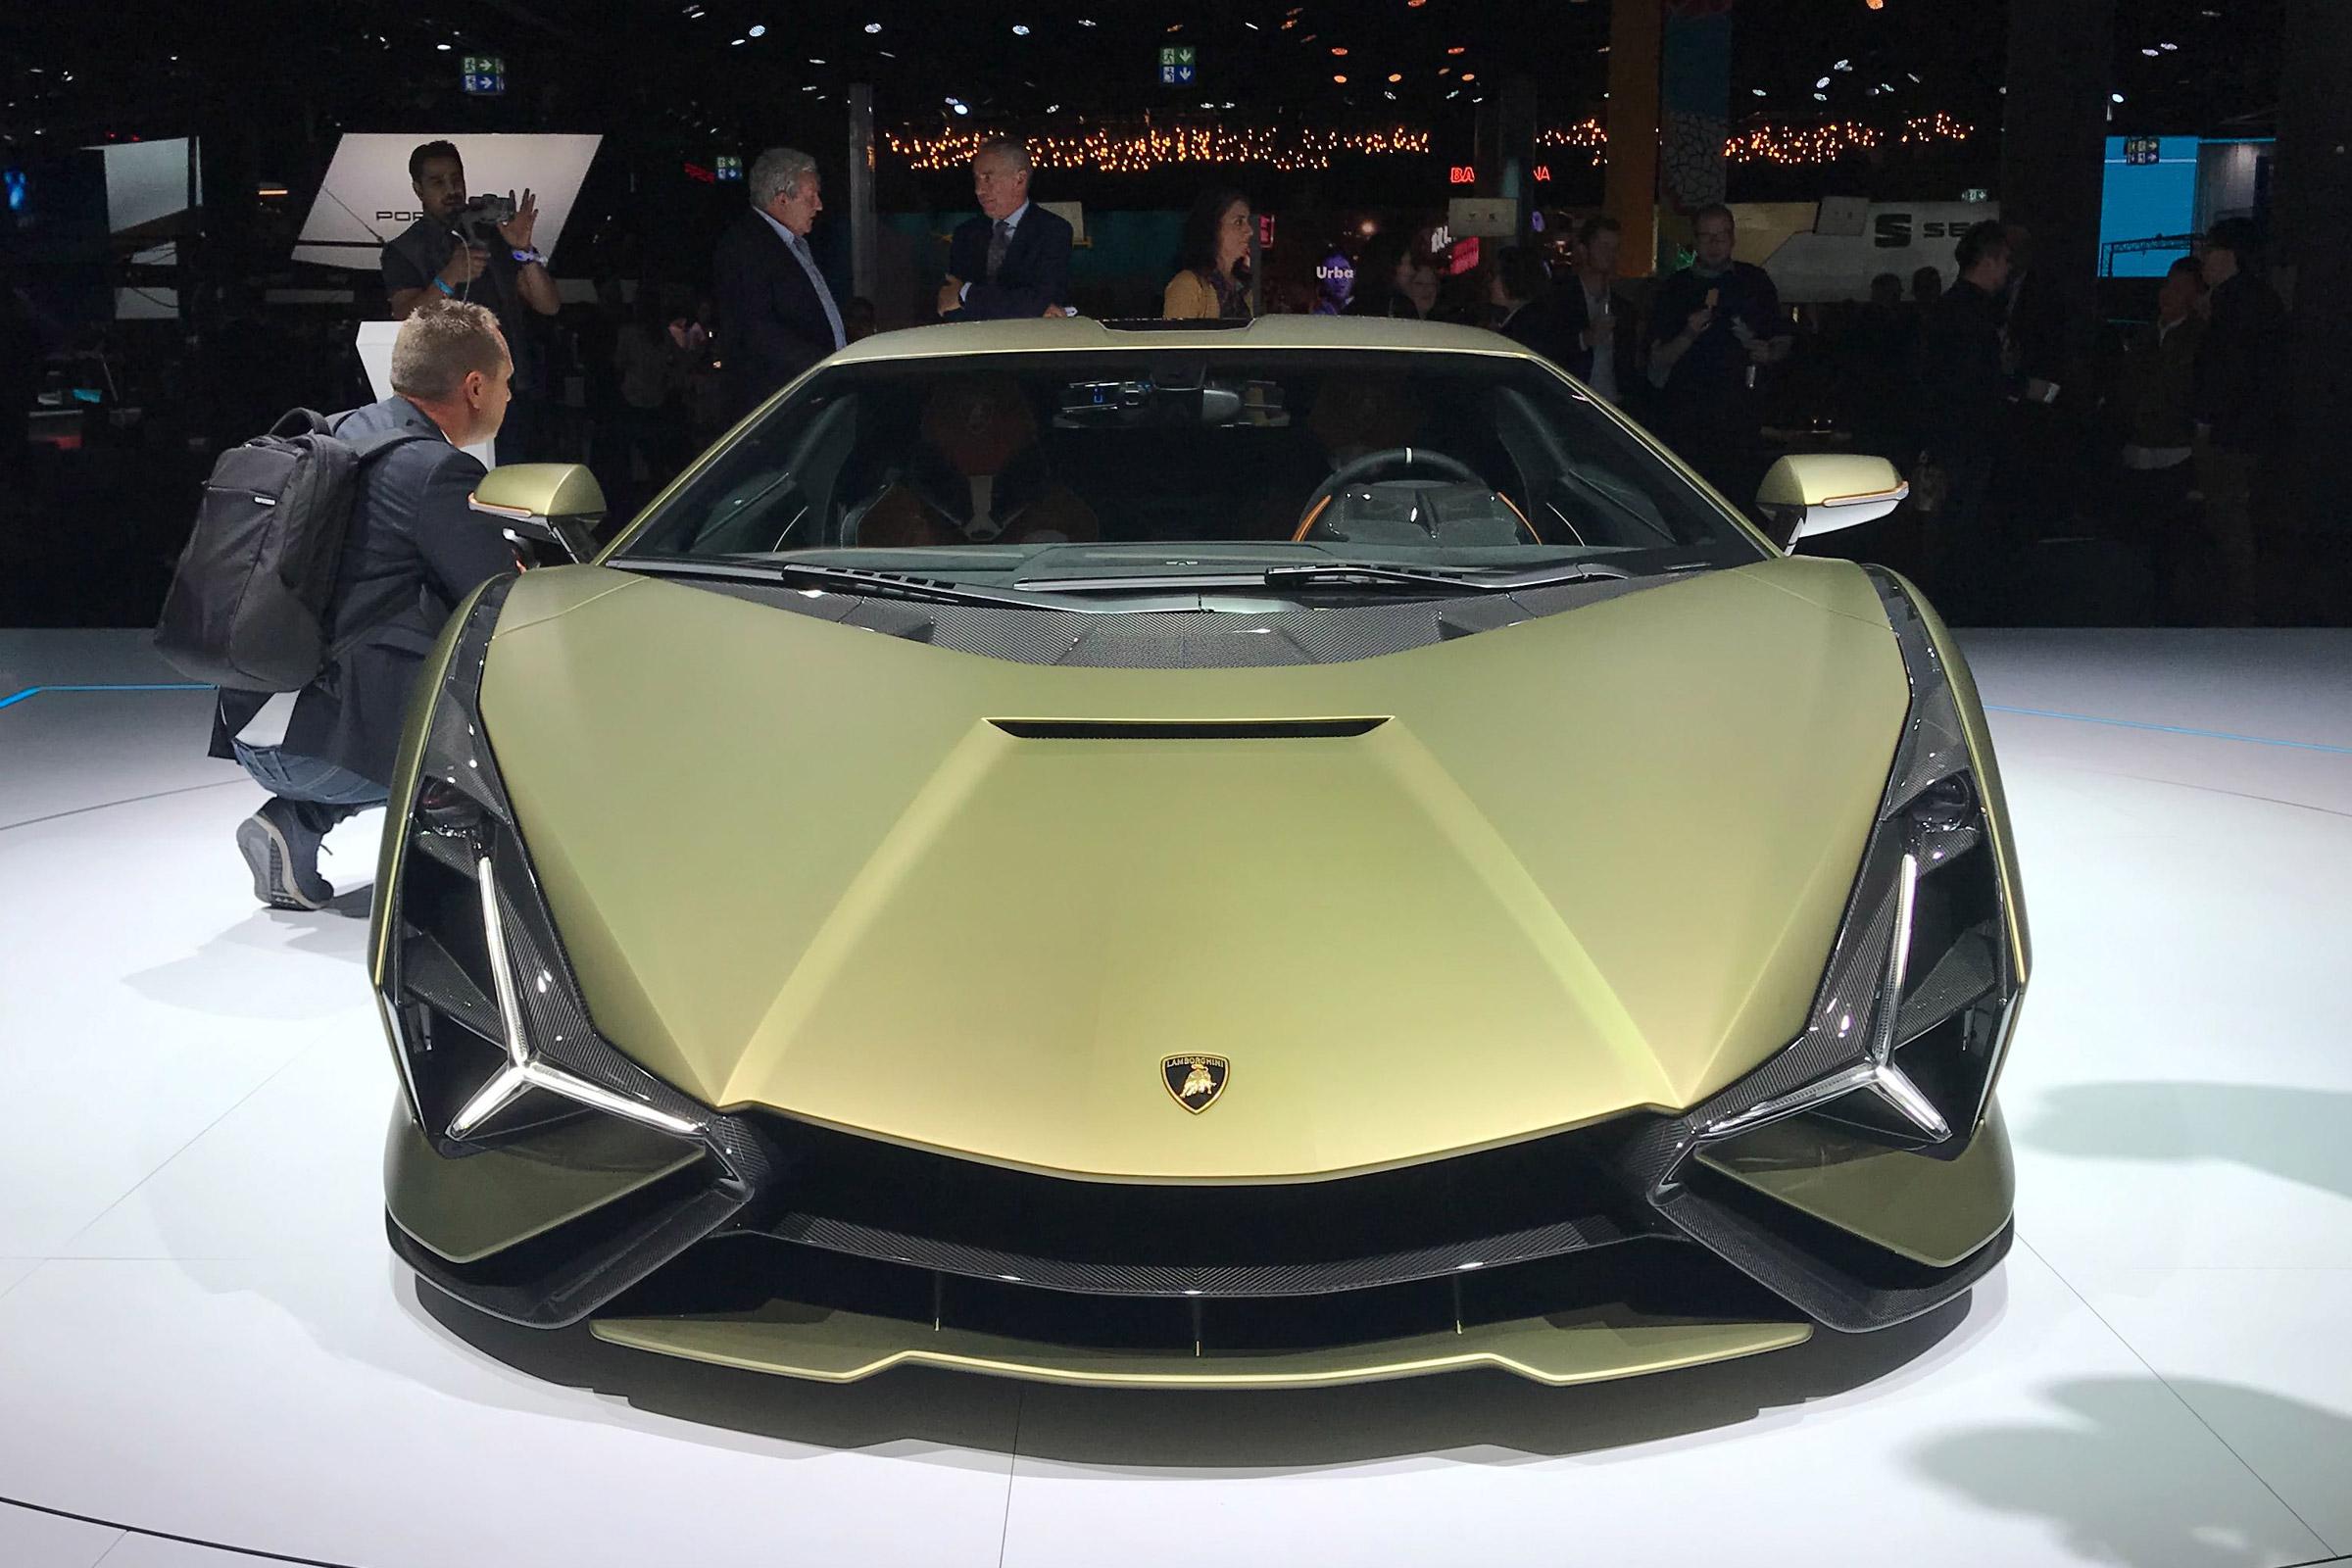 Alfa Romeo Giulia >> Lamborghini Sian revealed - pictures | Evo